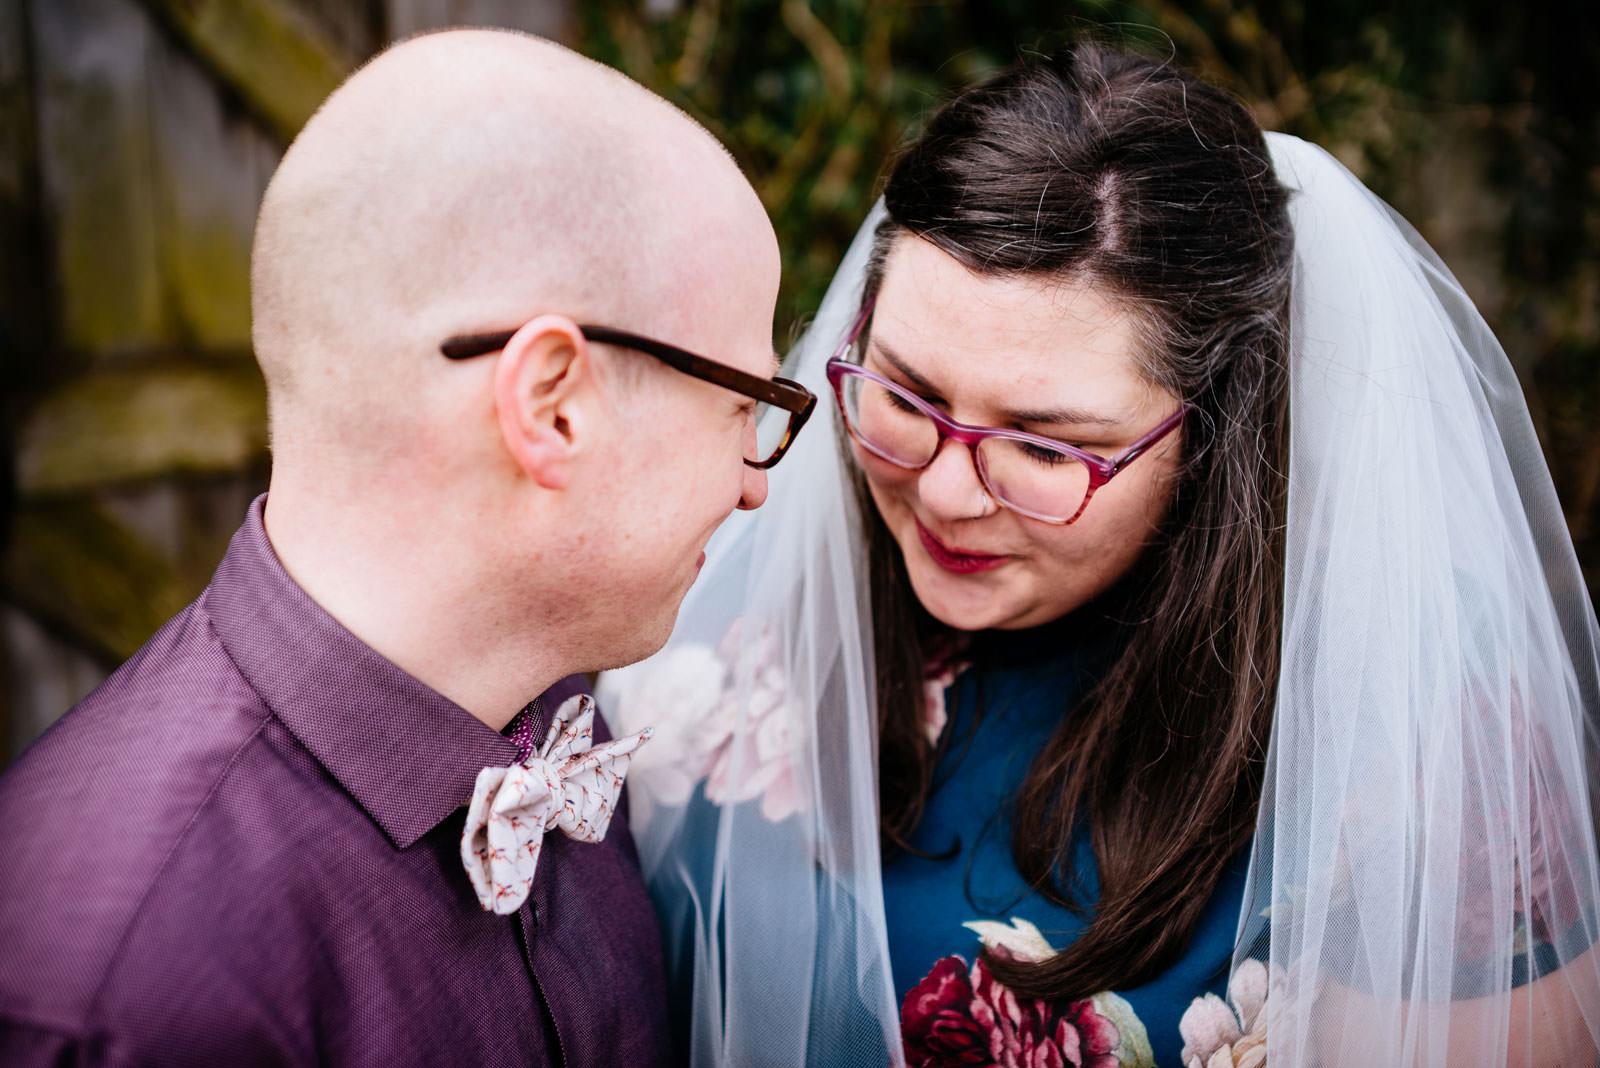 tender moment between bride groom